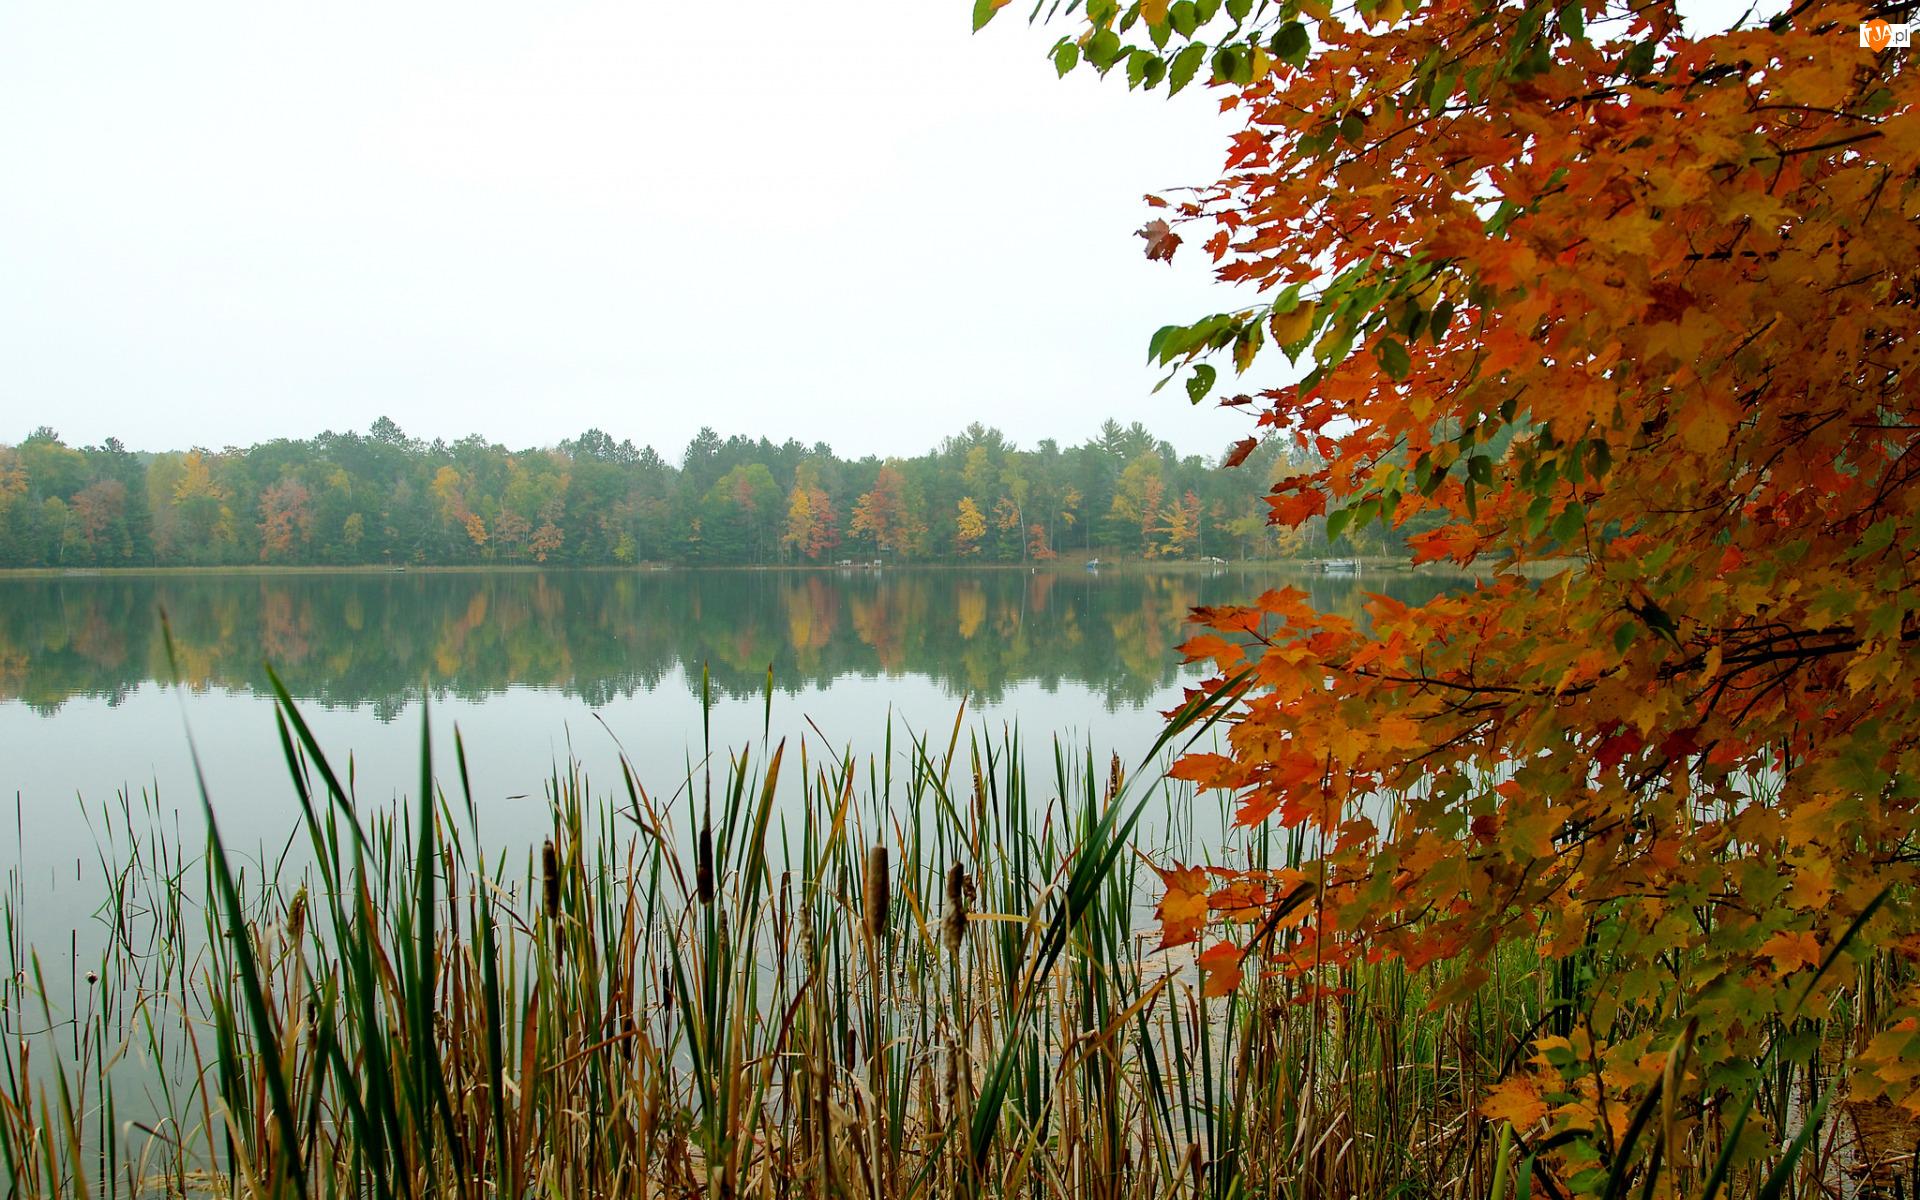 Drzewo, Kolorowe, Liście, Tatarak, Gałęzie, Jezioro